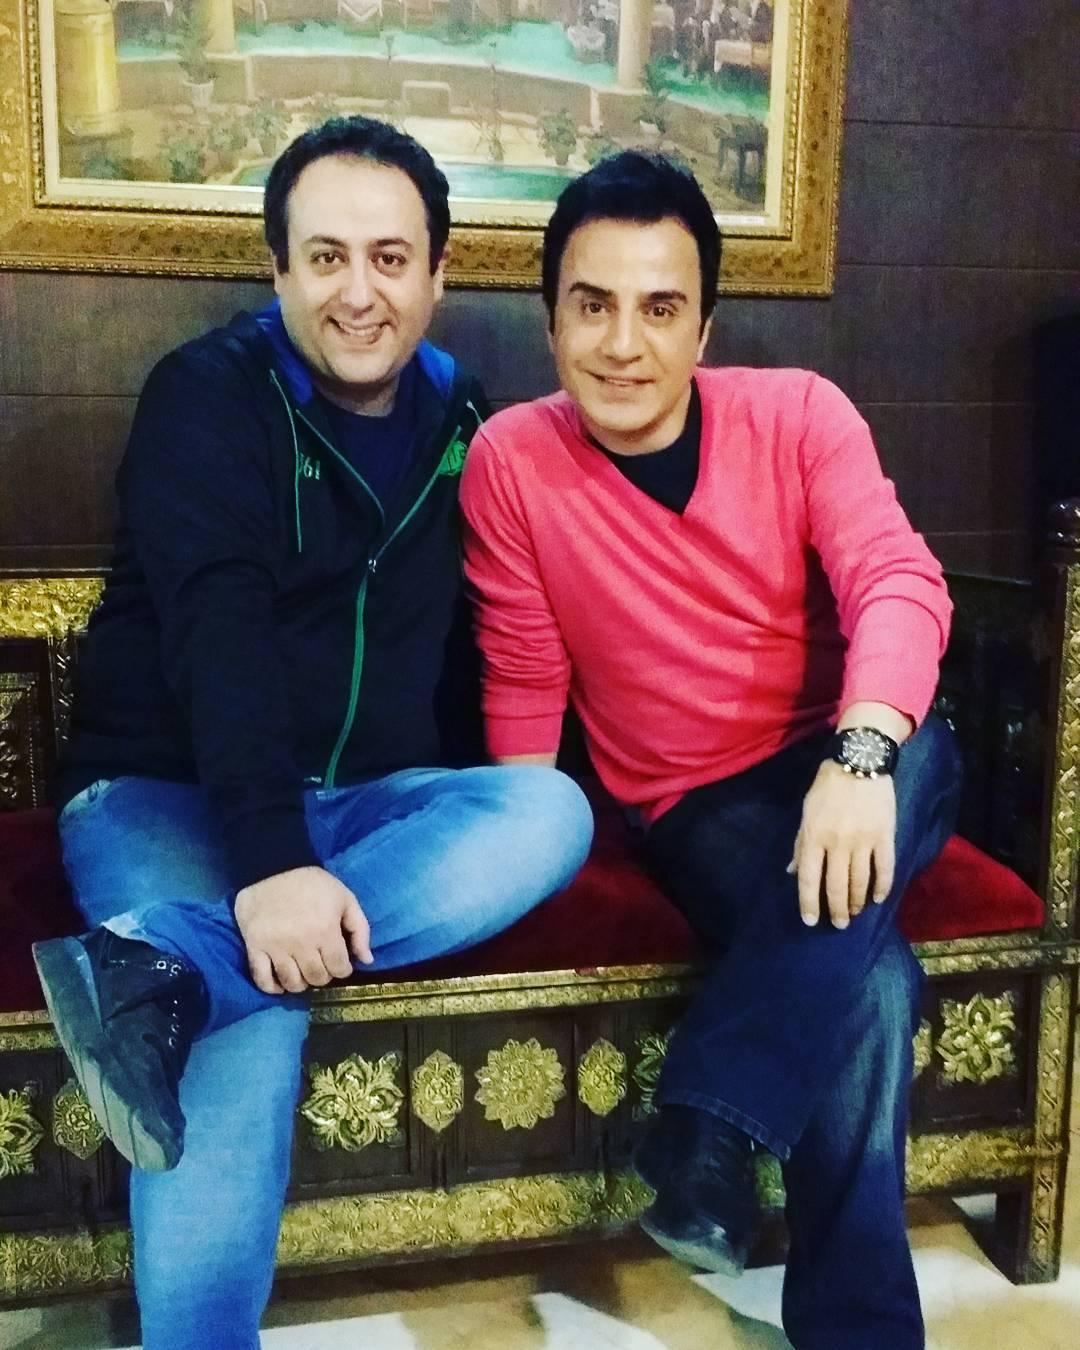 عکسها بیوگرافی و زندگینامه ابراهیم شفیعی بازیگر برنامه کودک!+تصاویر